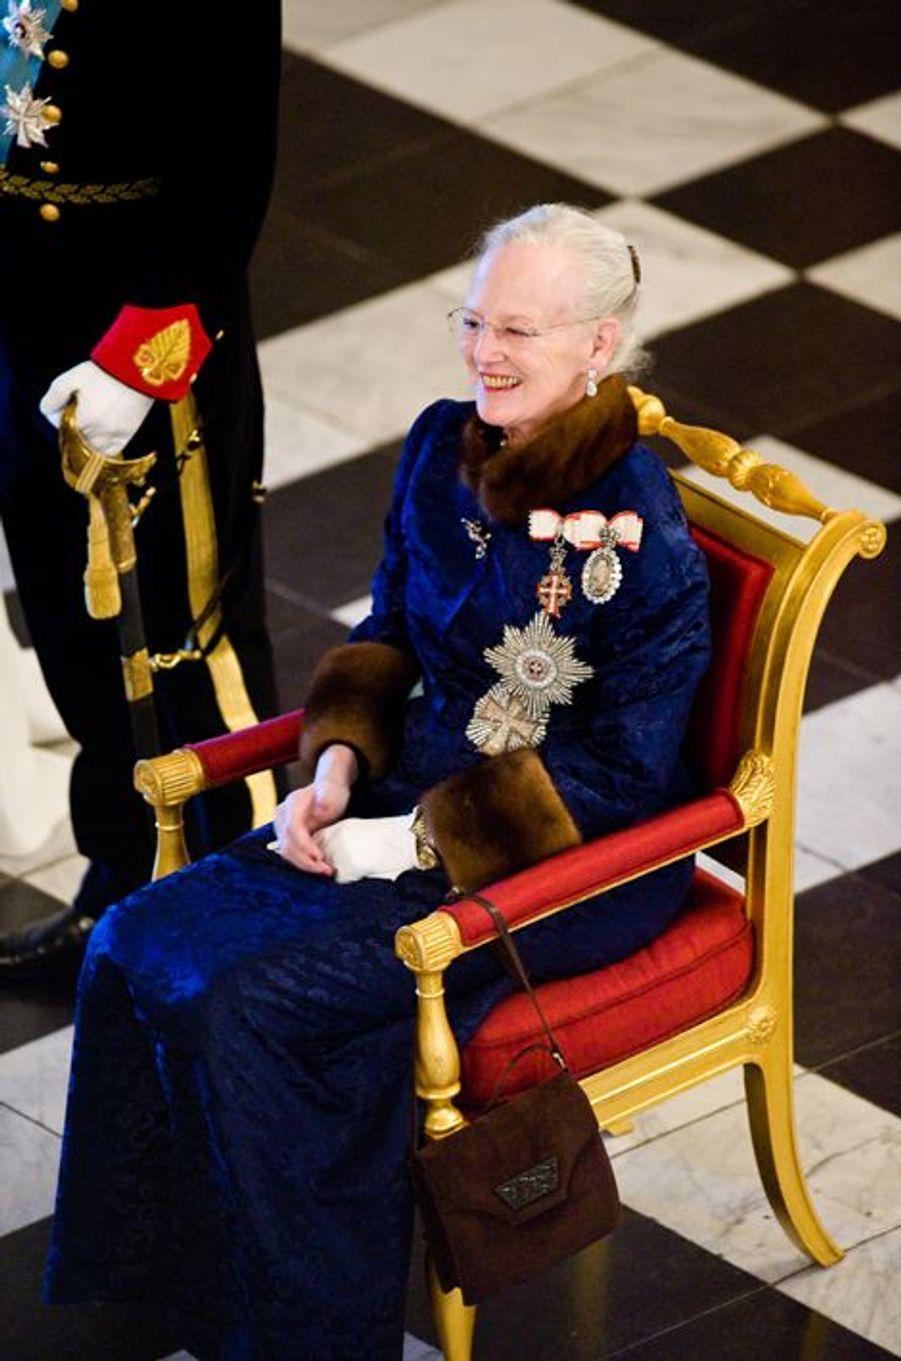 La reine Margrethe II de Danemark à la cérémonie des voeux au château de Christiansborg à Copenhague, le 5 janvier 2015